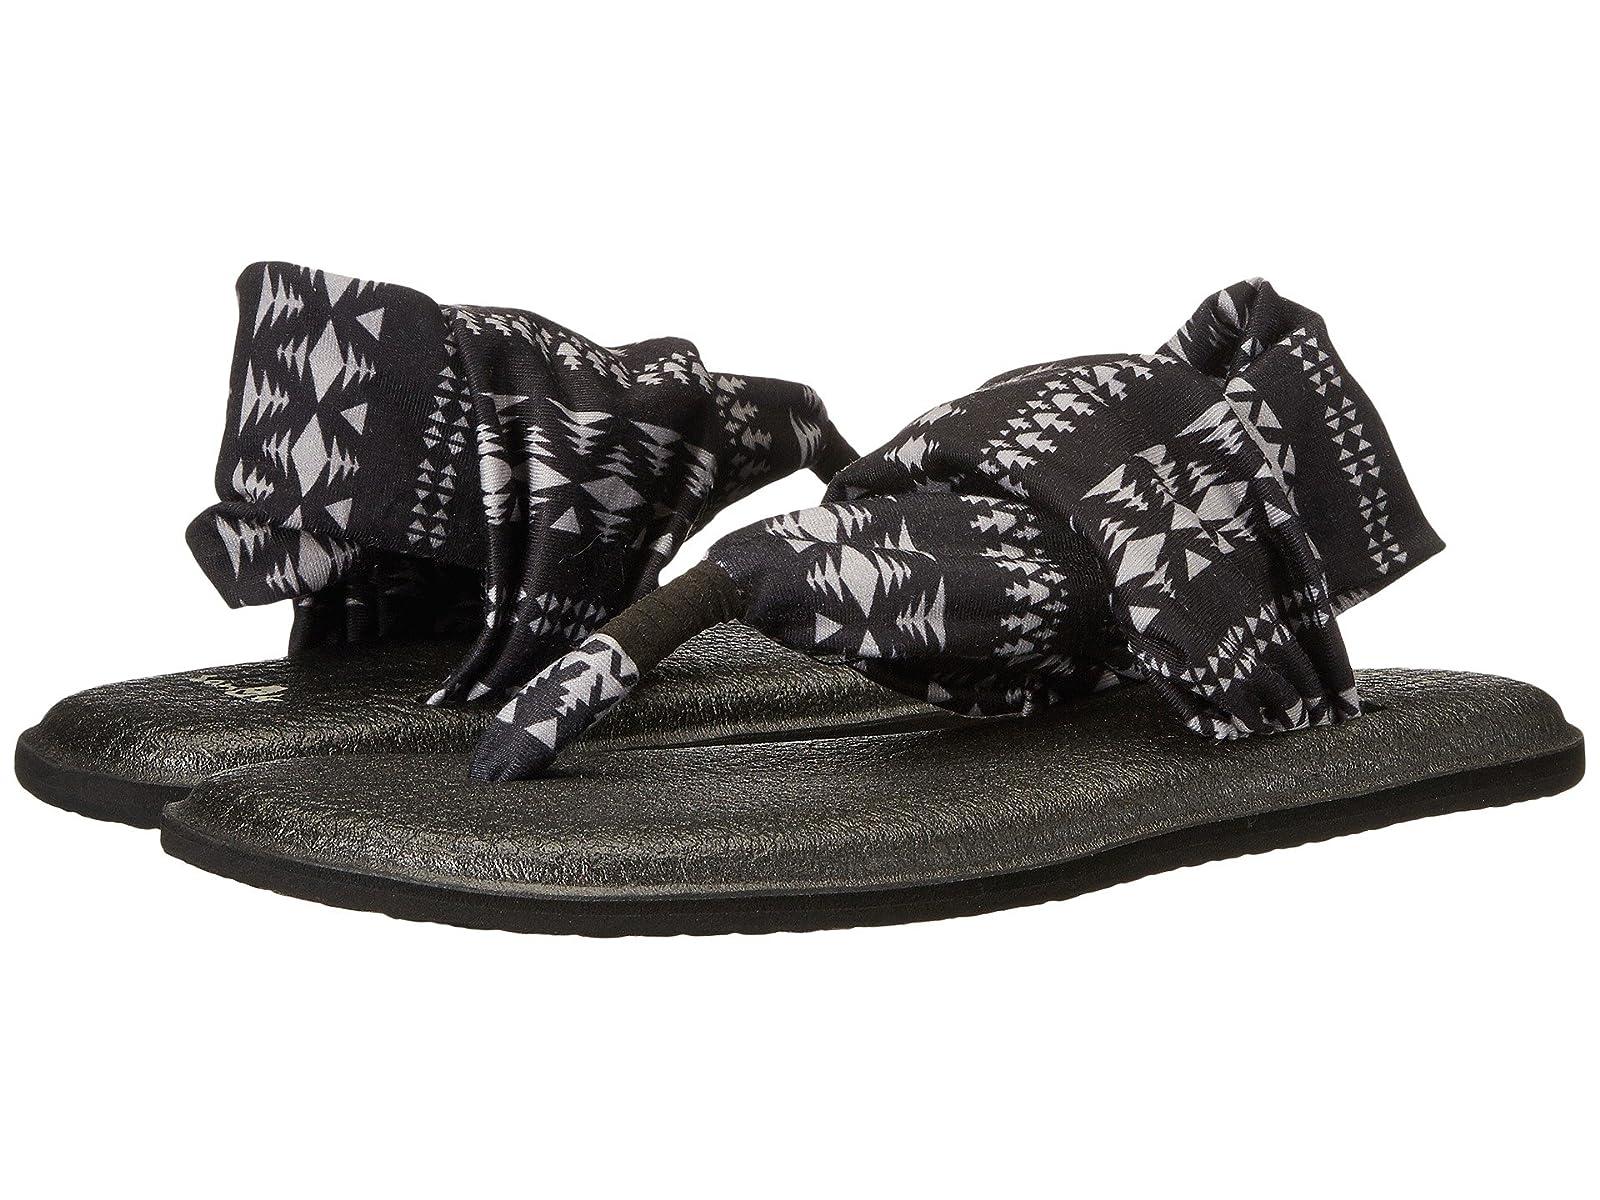 Sanuk Yoga Sling 2 PrintsAtmospheric grades have affordable shoes